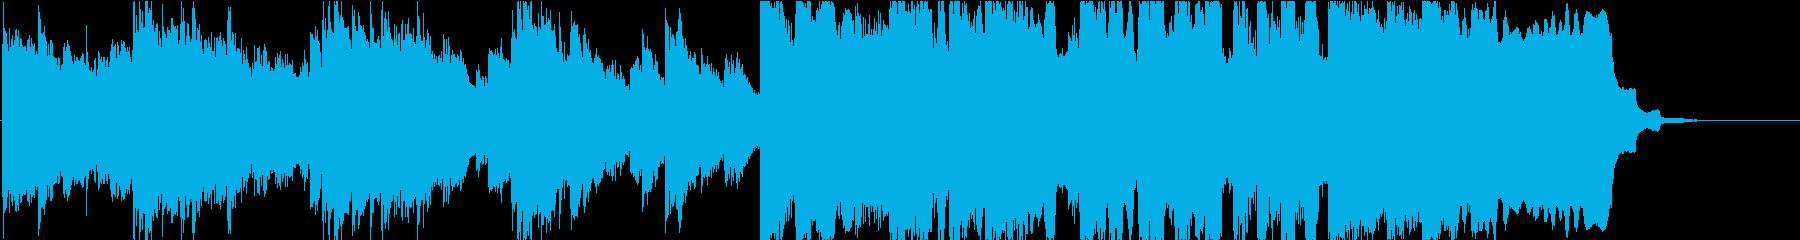 壮大で爽やかなわくわくする感動的なBGMの再生済みの波形